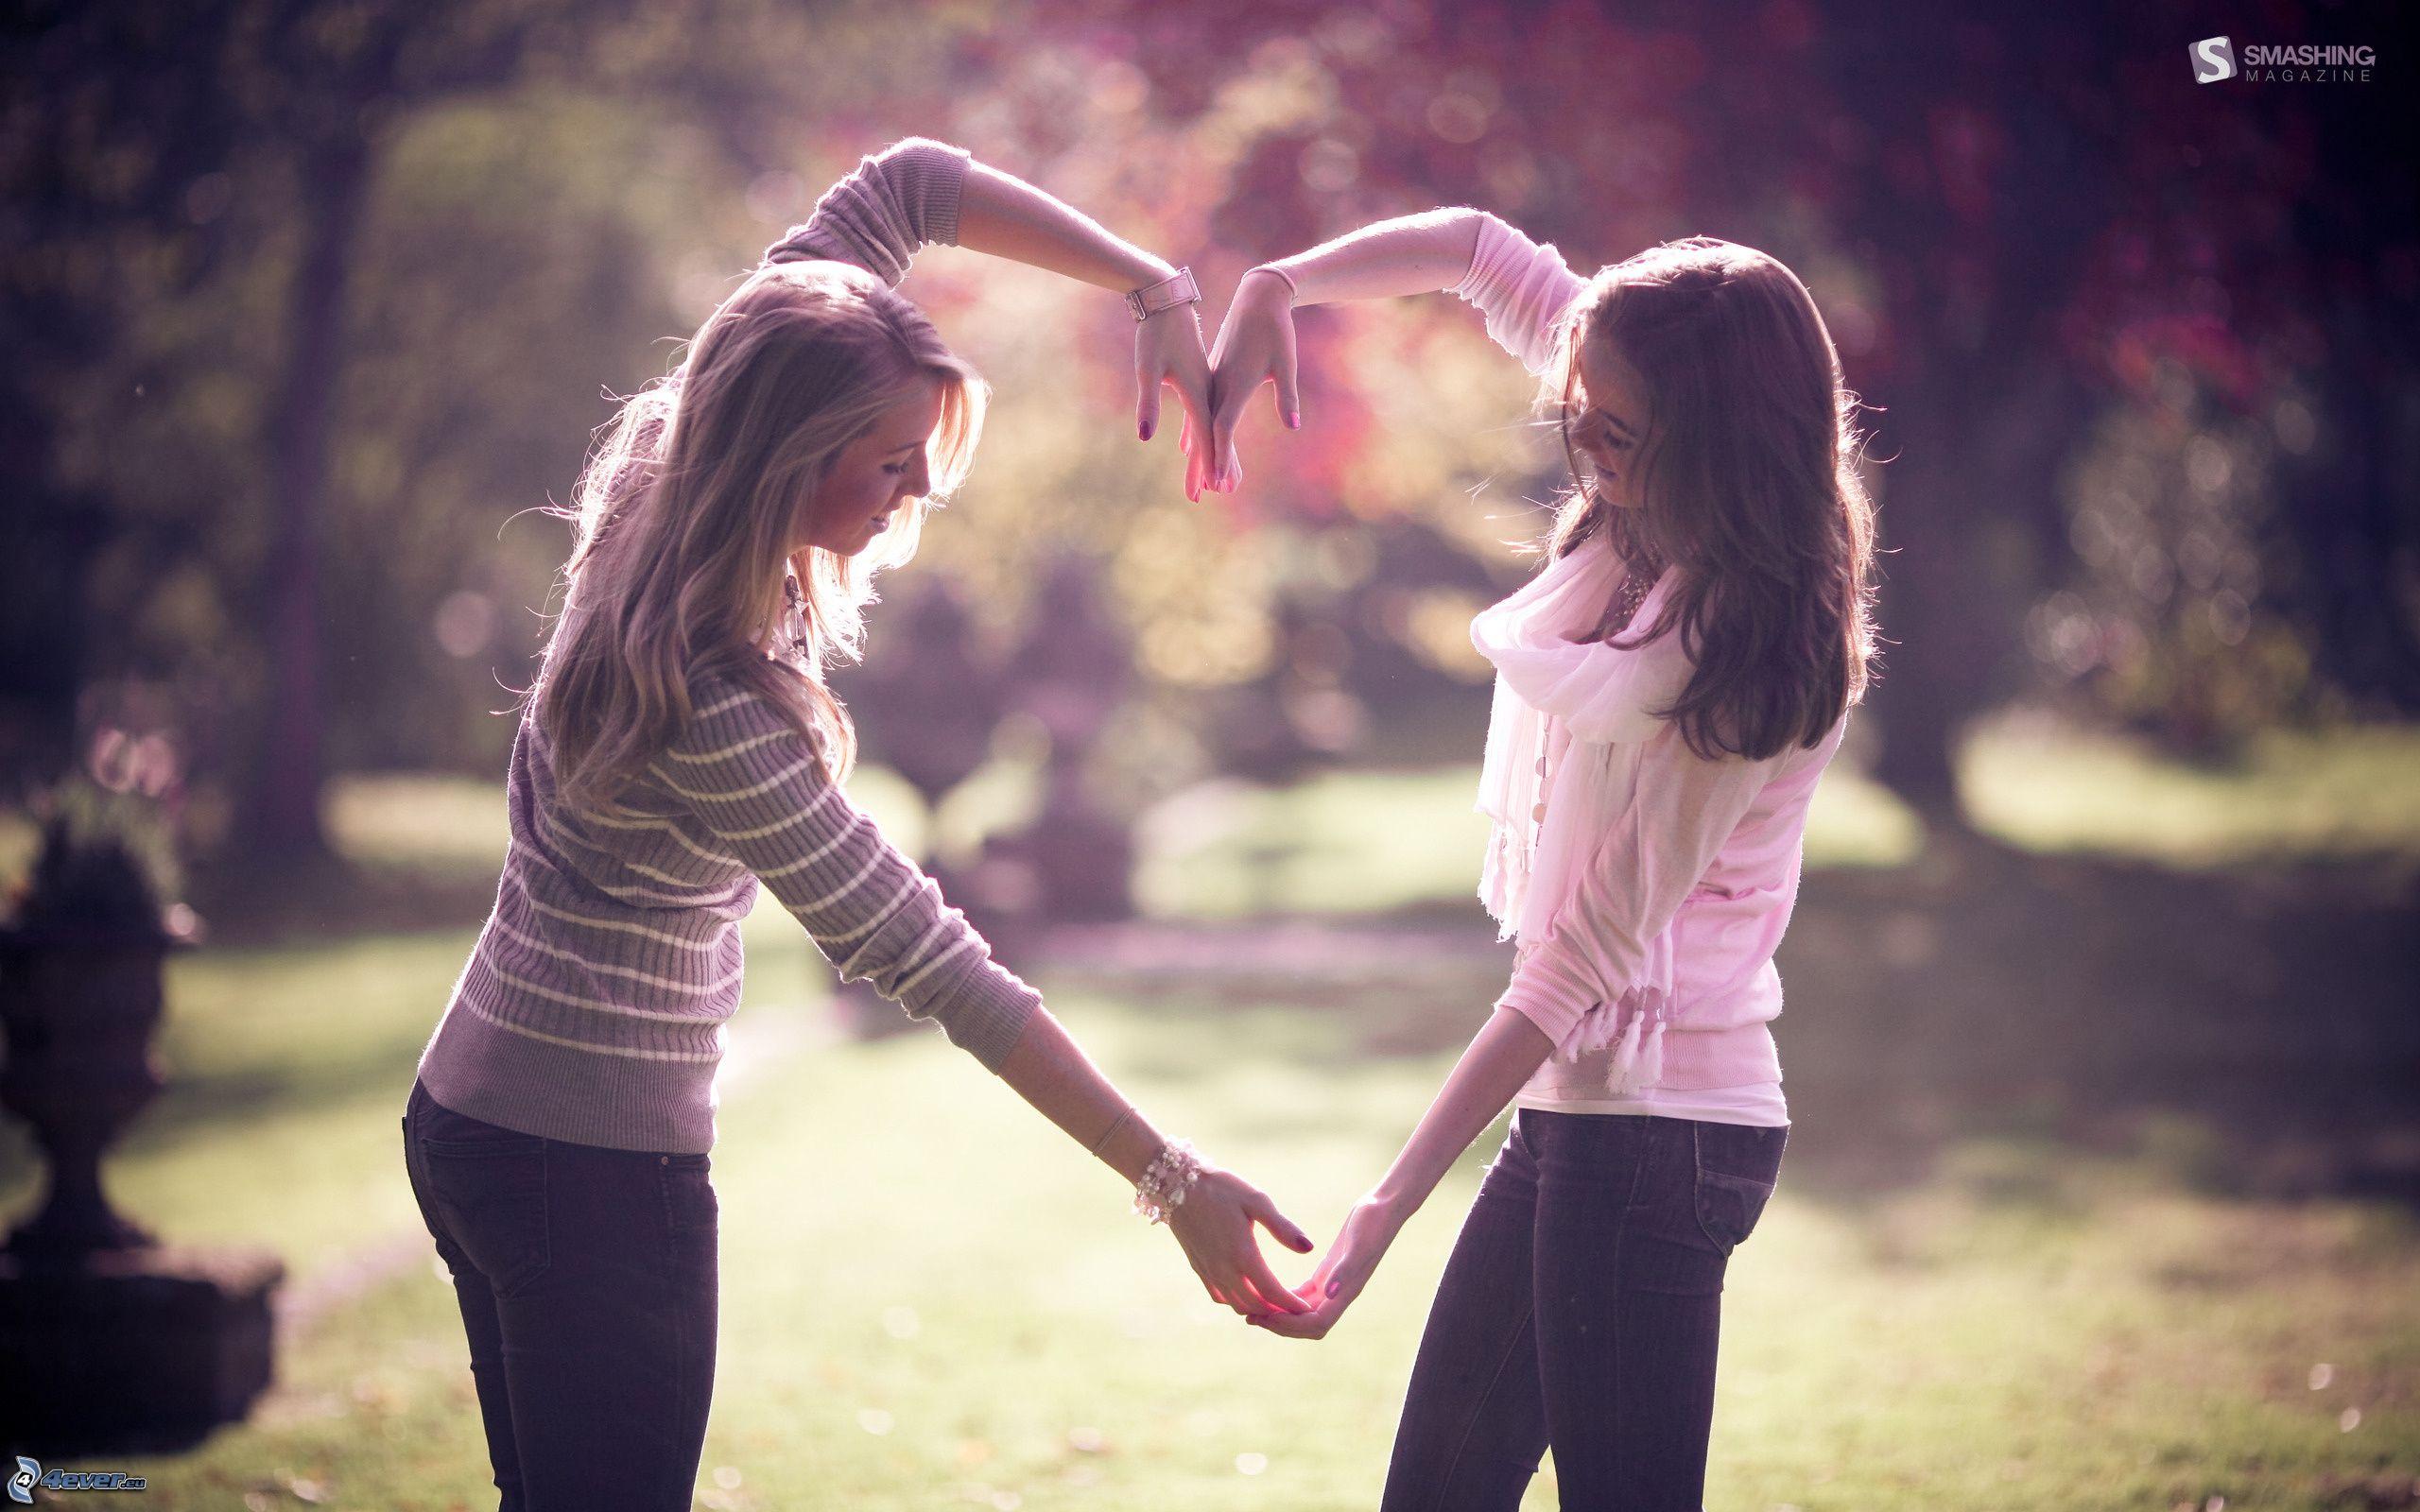 Amiche Per Sempre? I 10 Segnali Che Ve Lo Faranno Capire